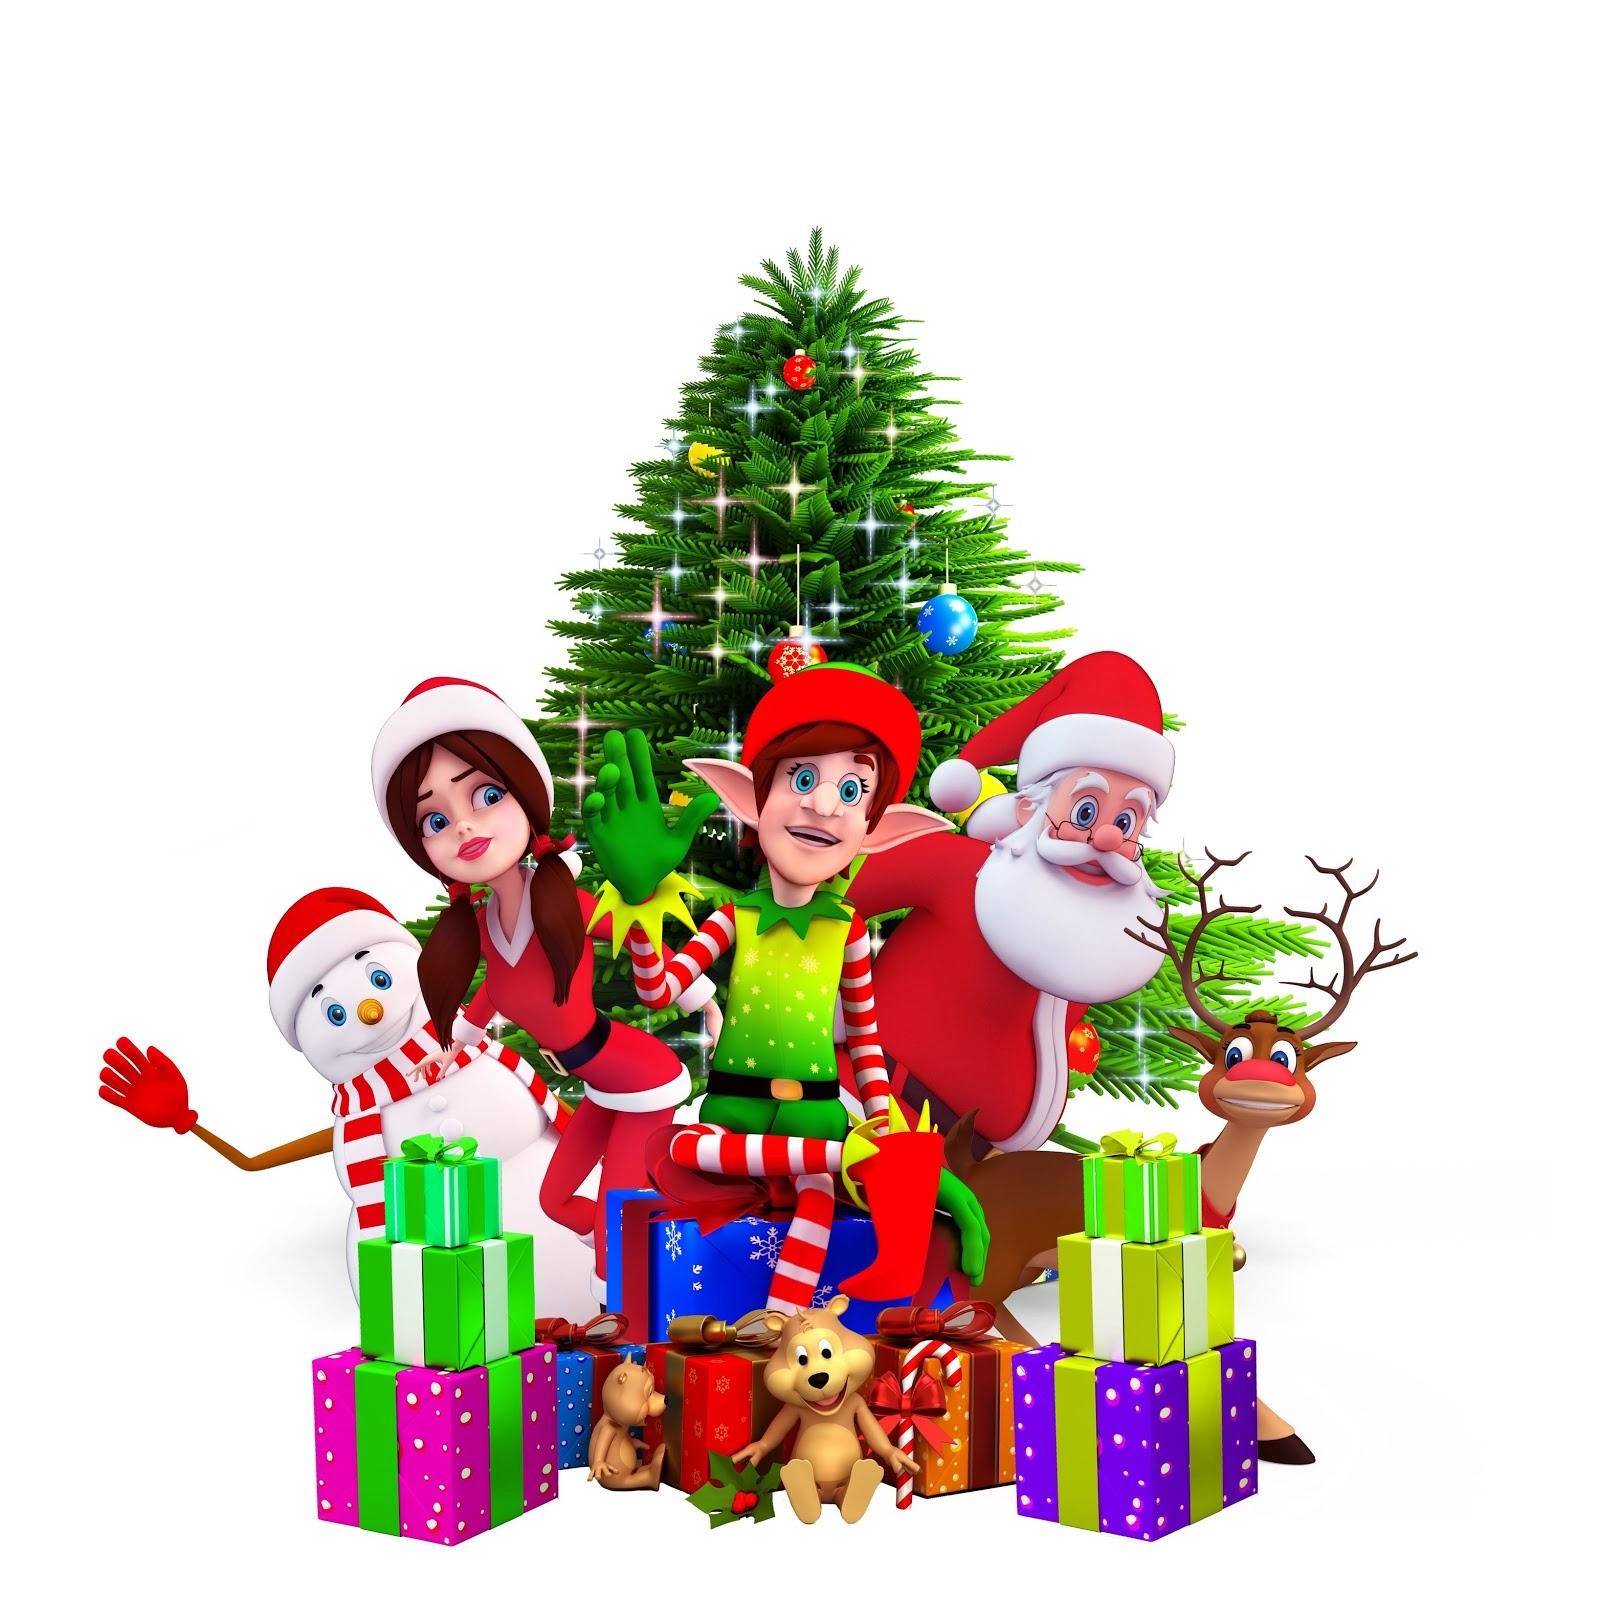 Tarjetas postales e imagenes de navidad para descargar e - Arbol de navidad imagen ...